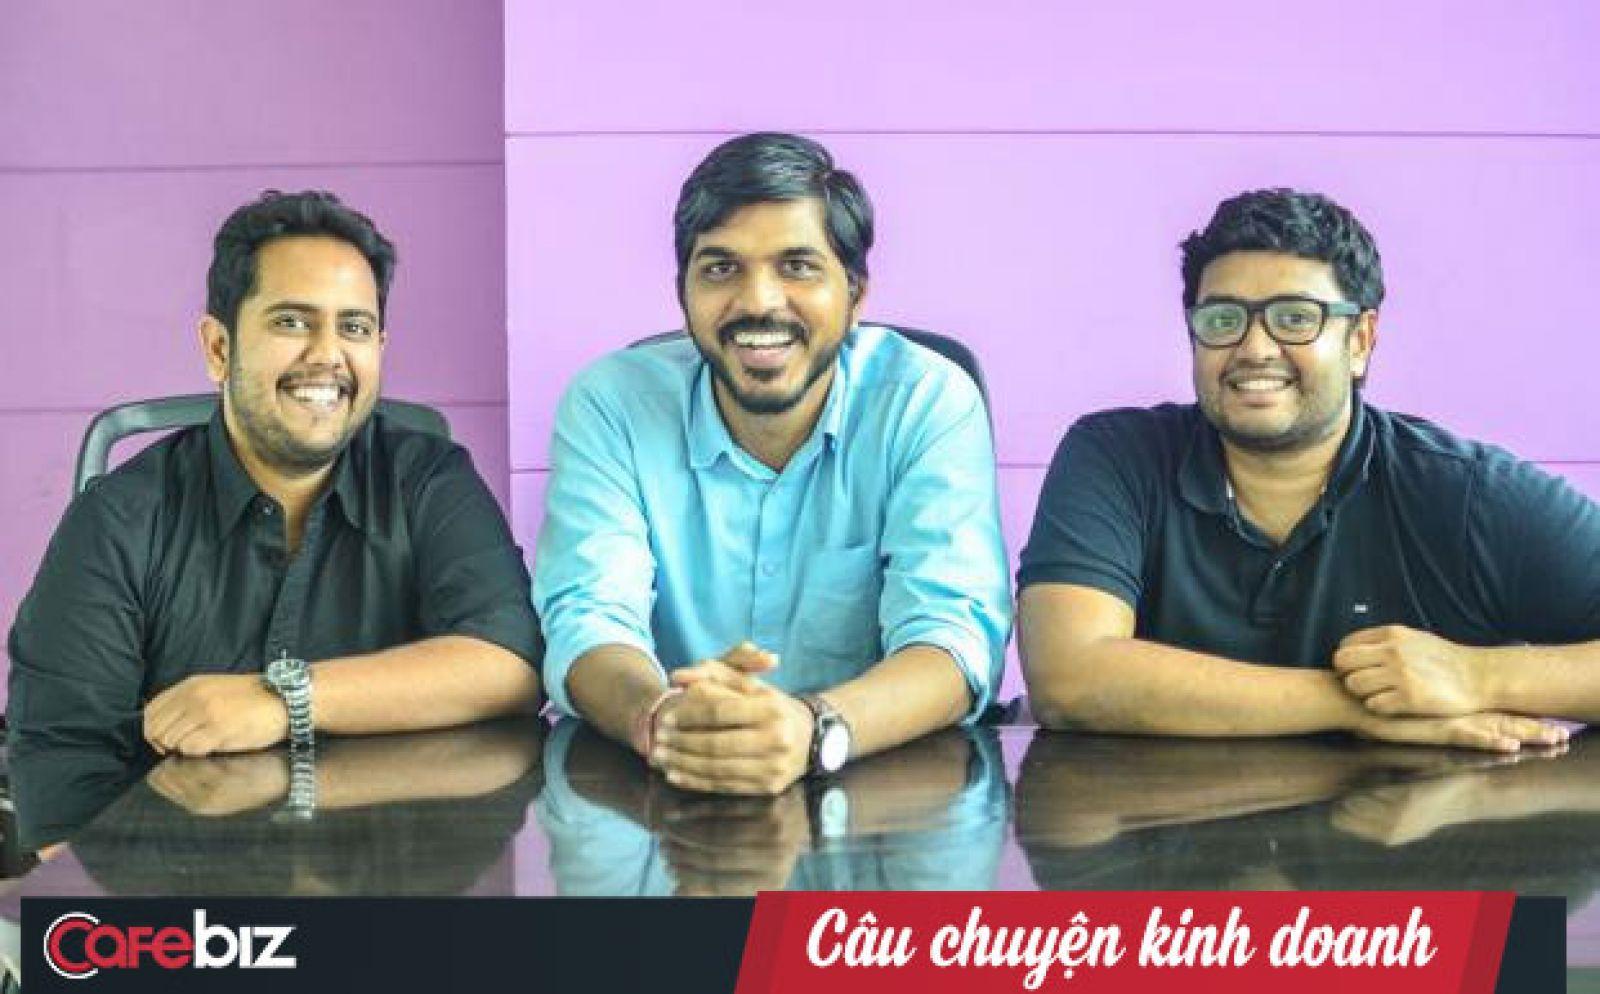 Những người sáng lập Swiggy (từ trái sang) Nandan Reddy, Rahul Jaimini và Sriharsha Majety.